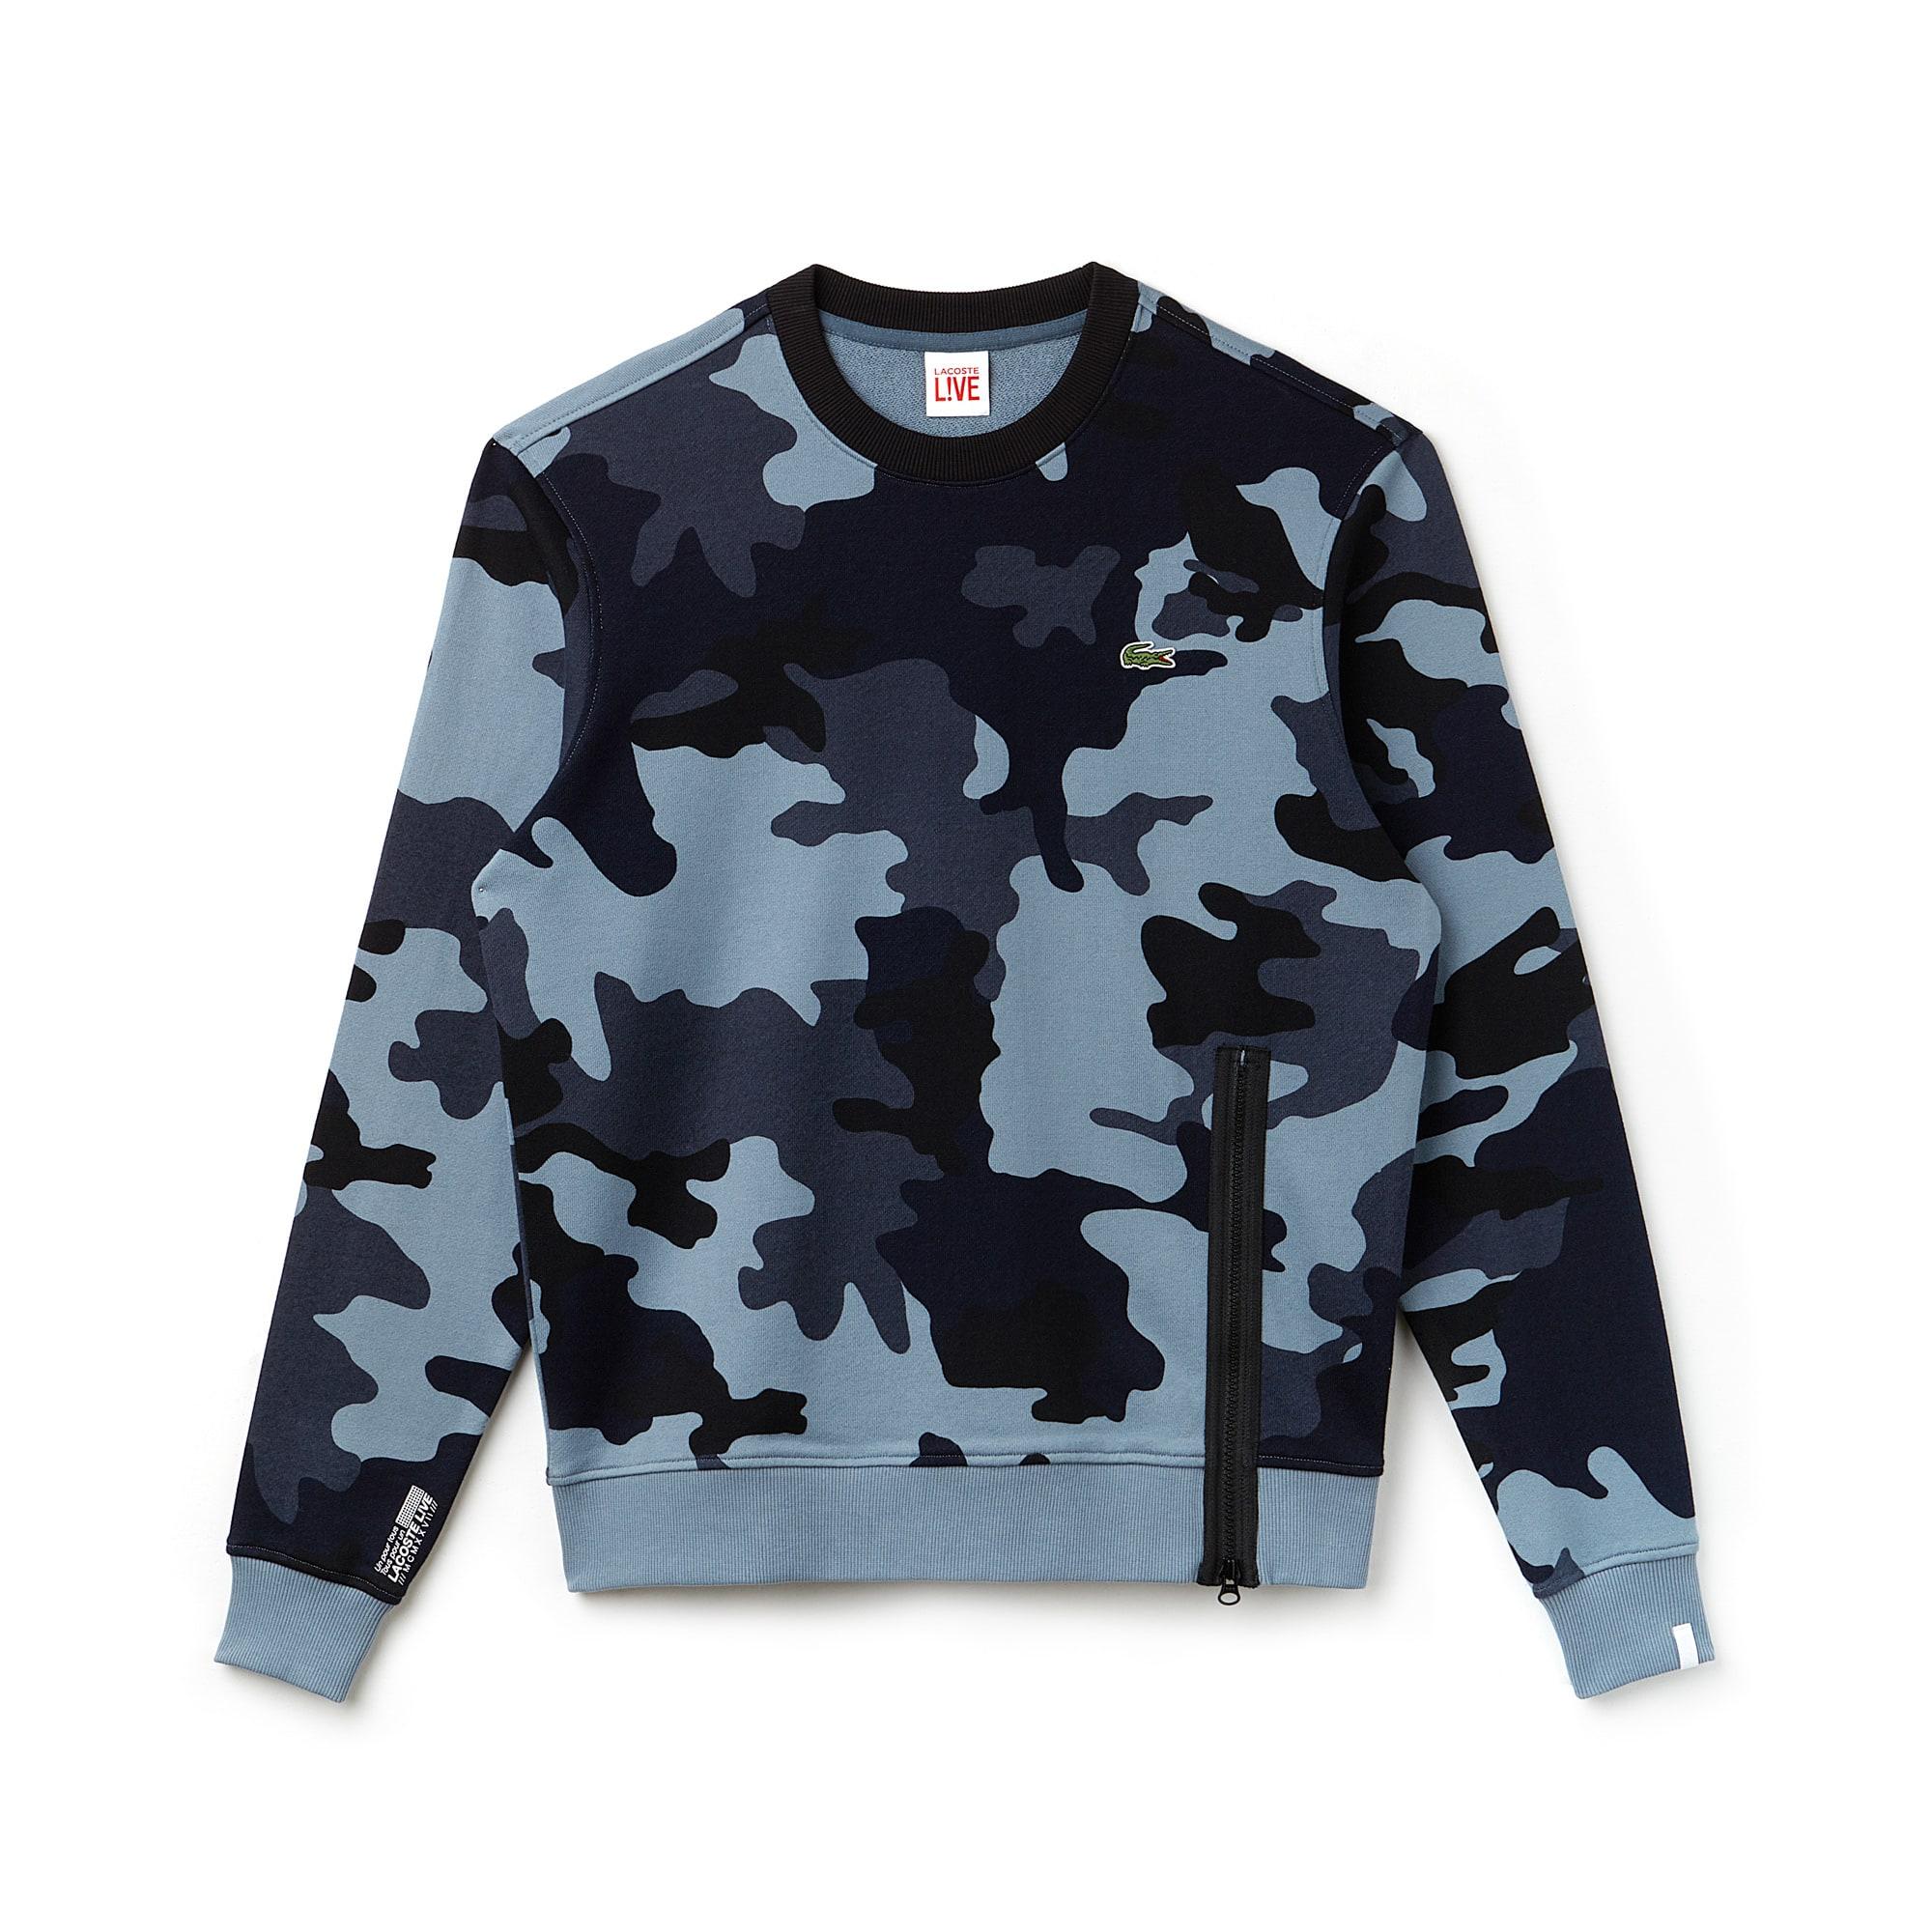 Lacoste LIVE-sweatshirt heren fleece met camouflageprint